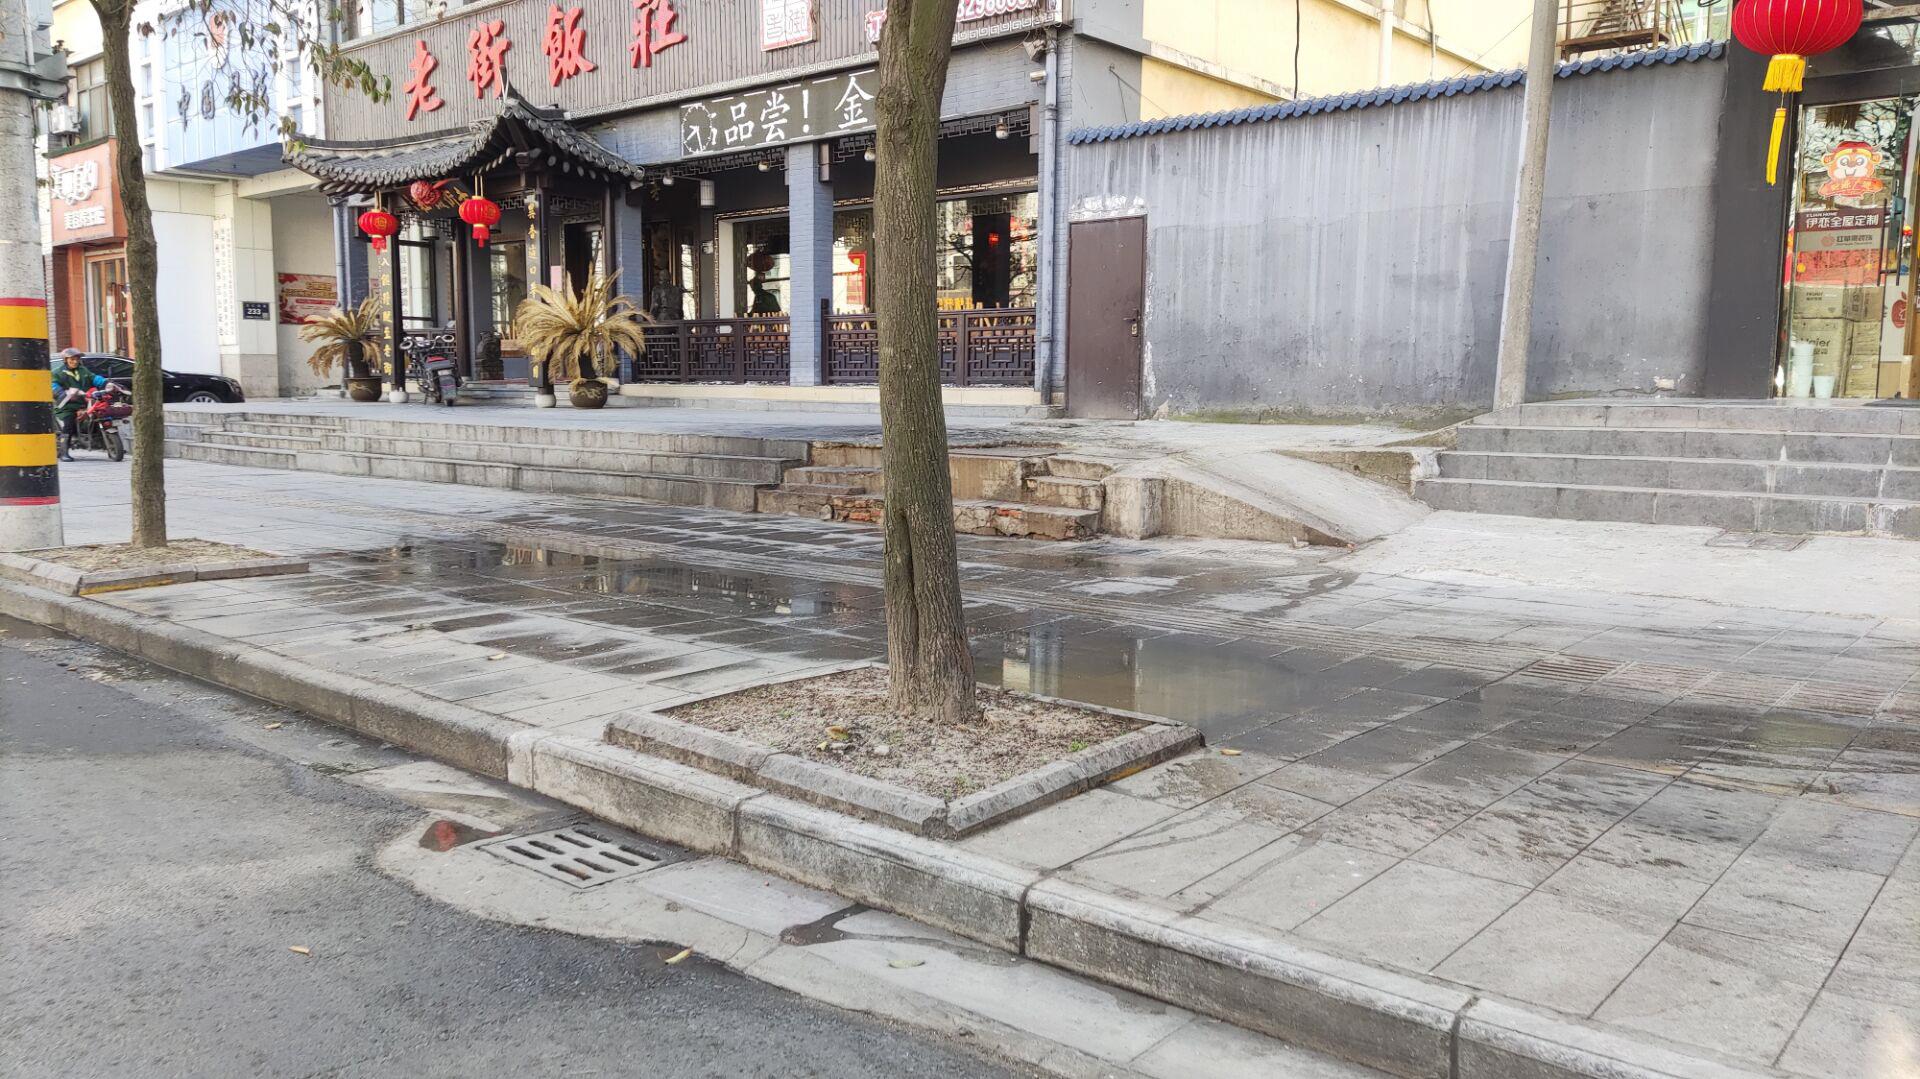 文汇西路和百祥路交叉口人行道频现污水